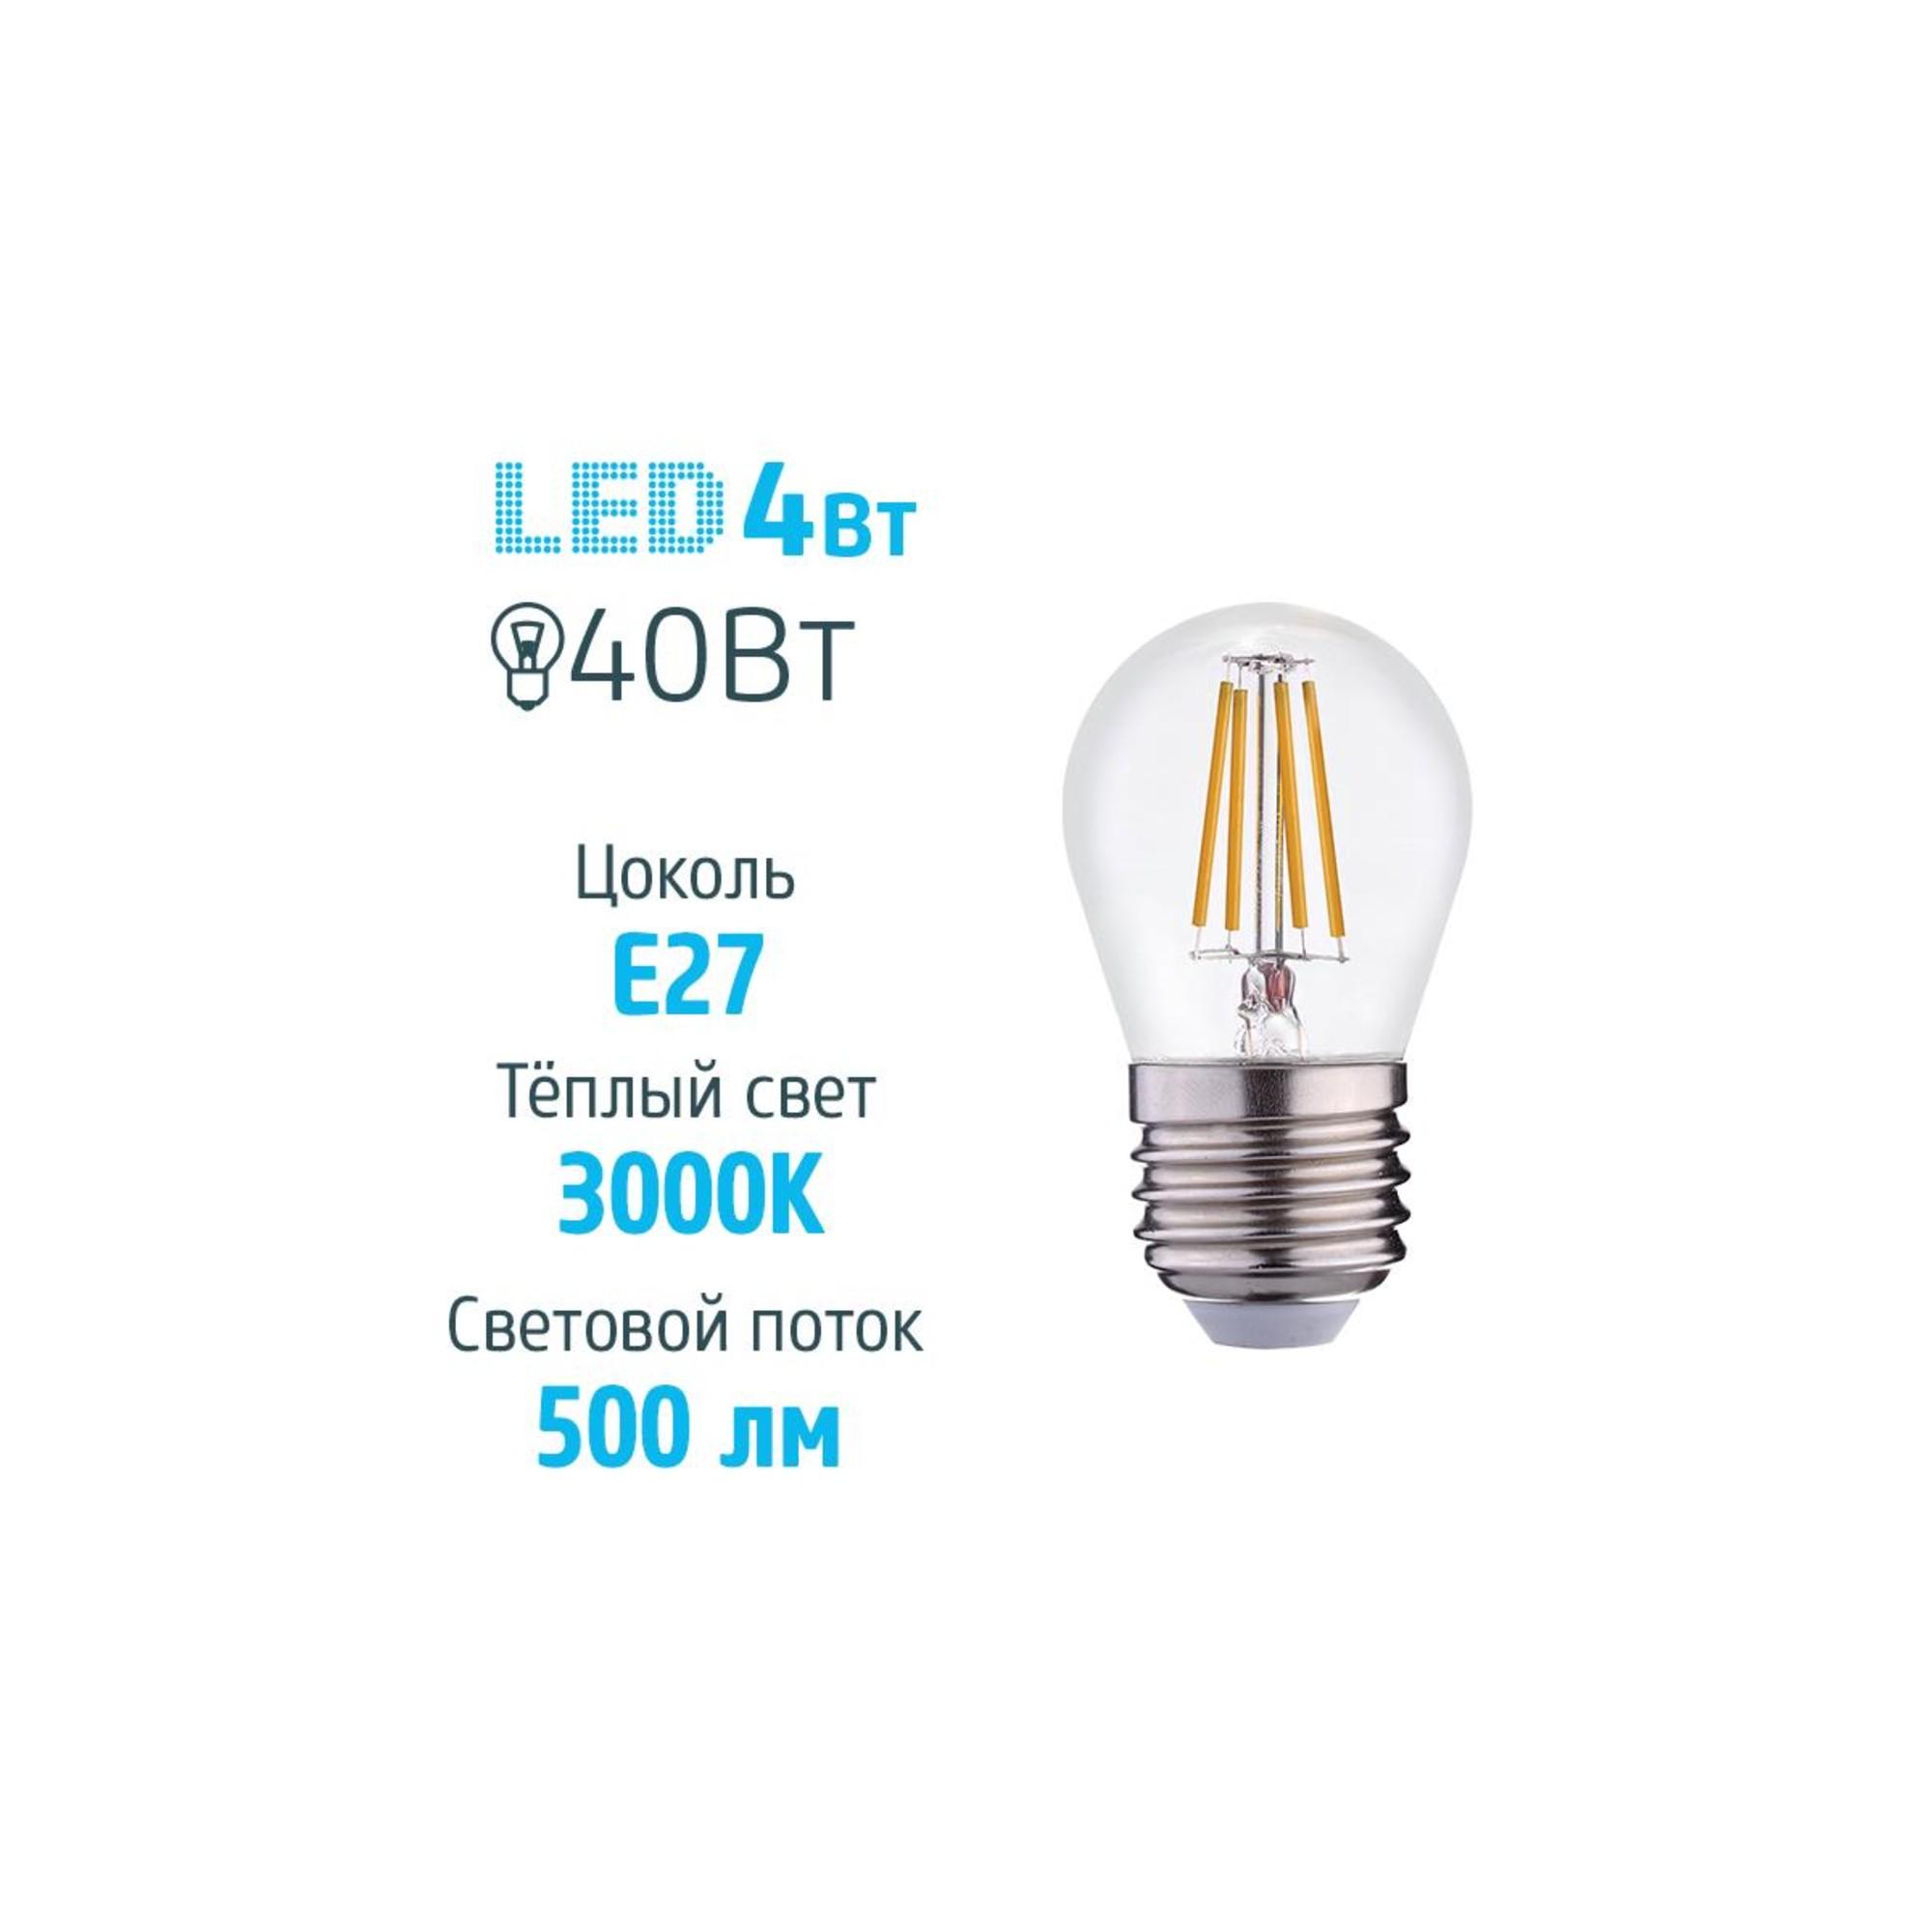 Светодиодная лампочка Фотон 23047 E27 460 Лм 4 Вт